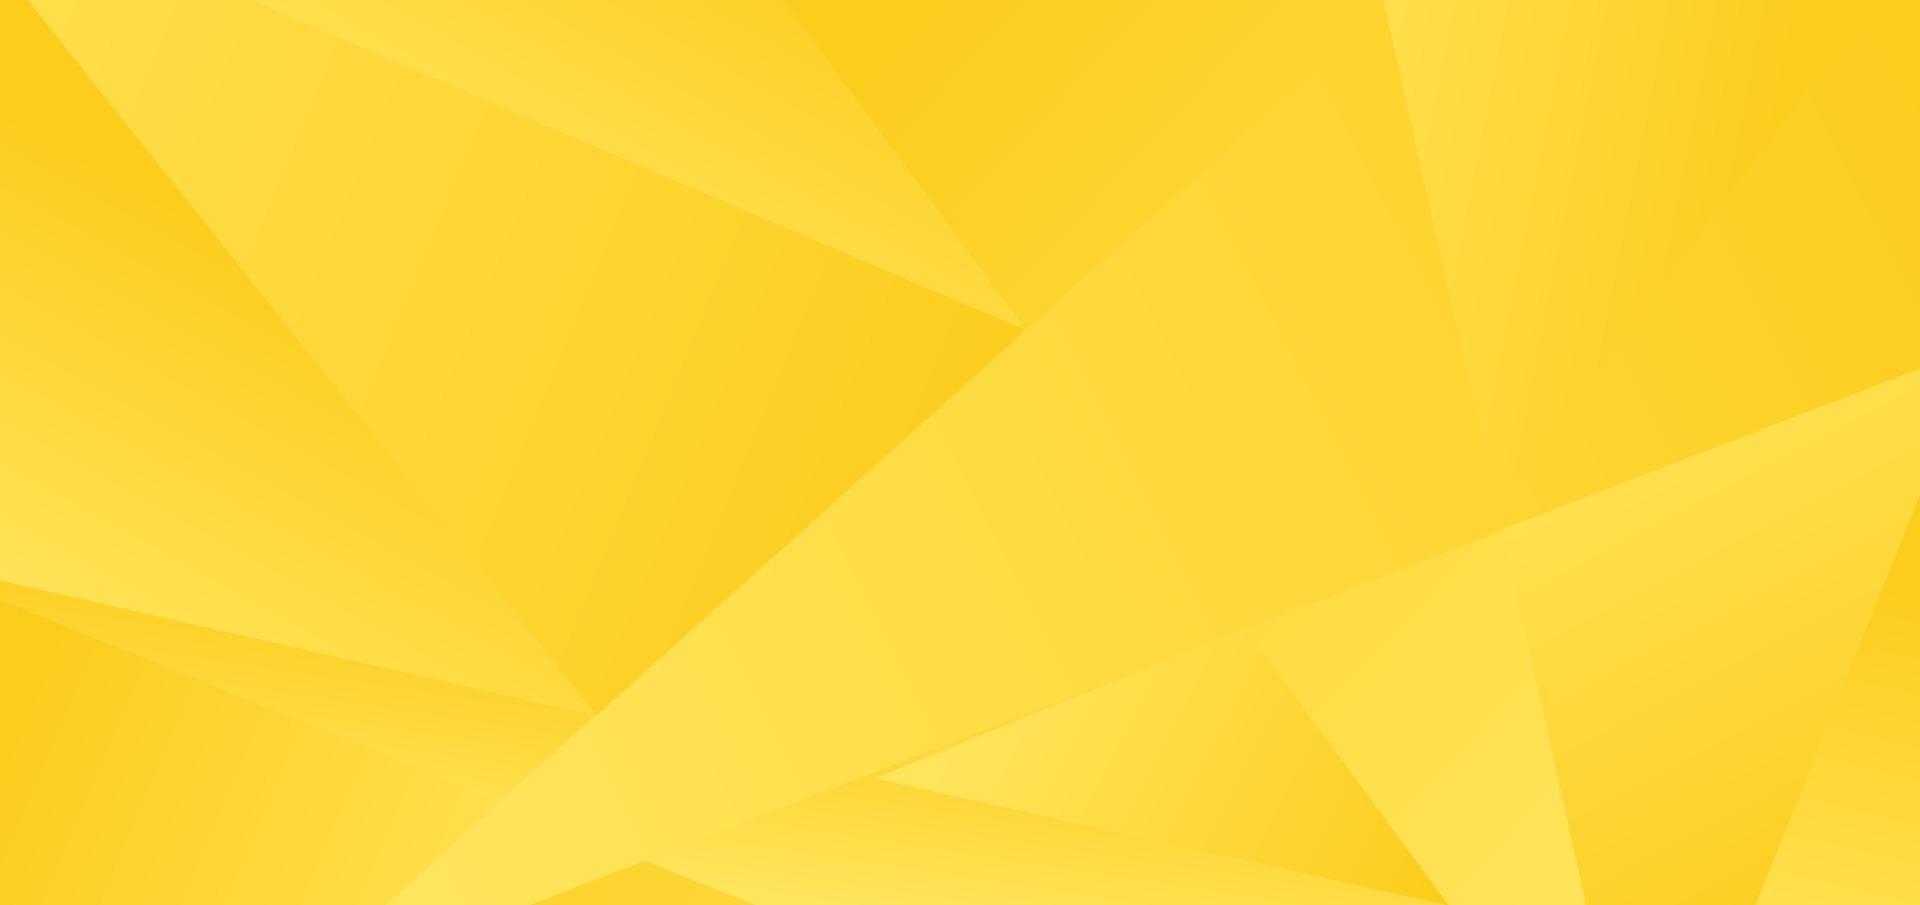 abstracte gele lage veelhoekachtergrond en textuur. vector